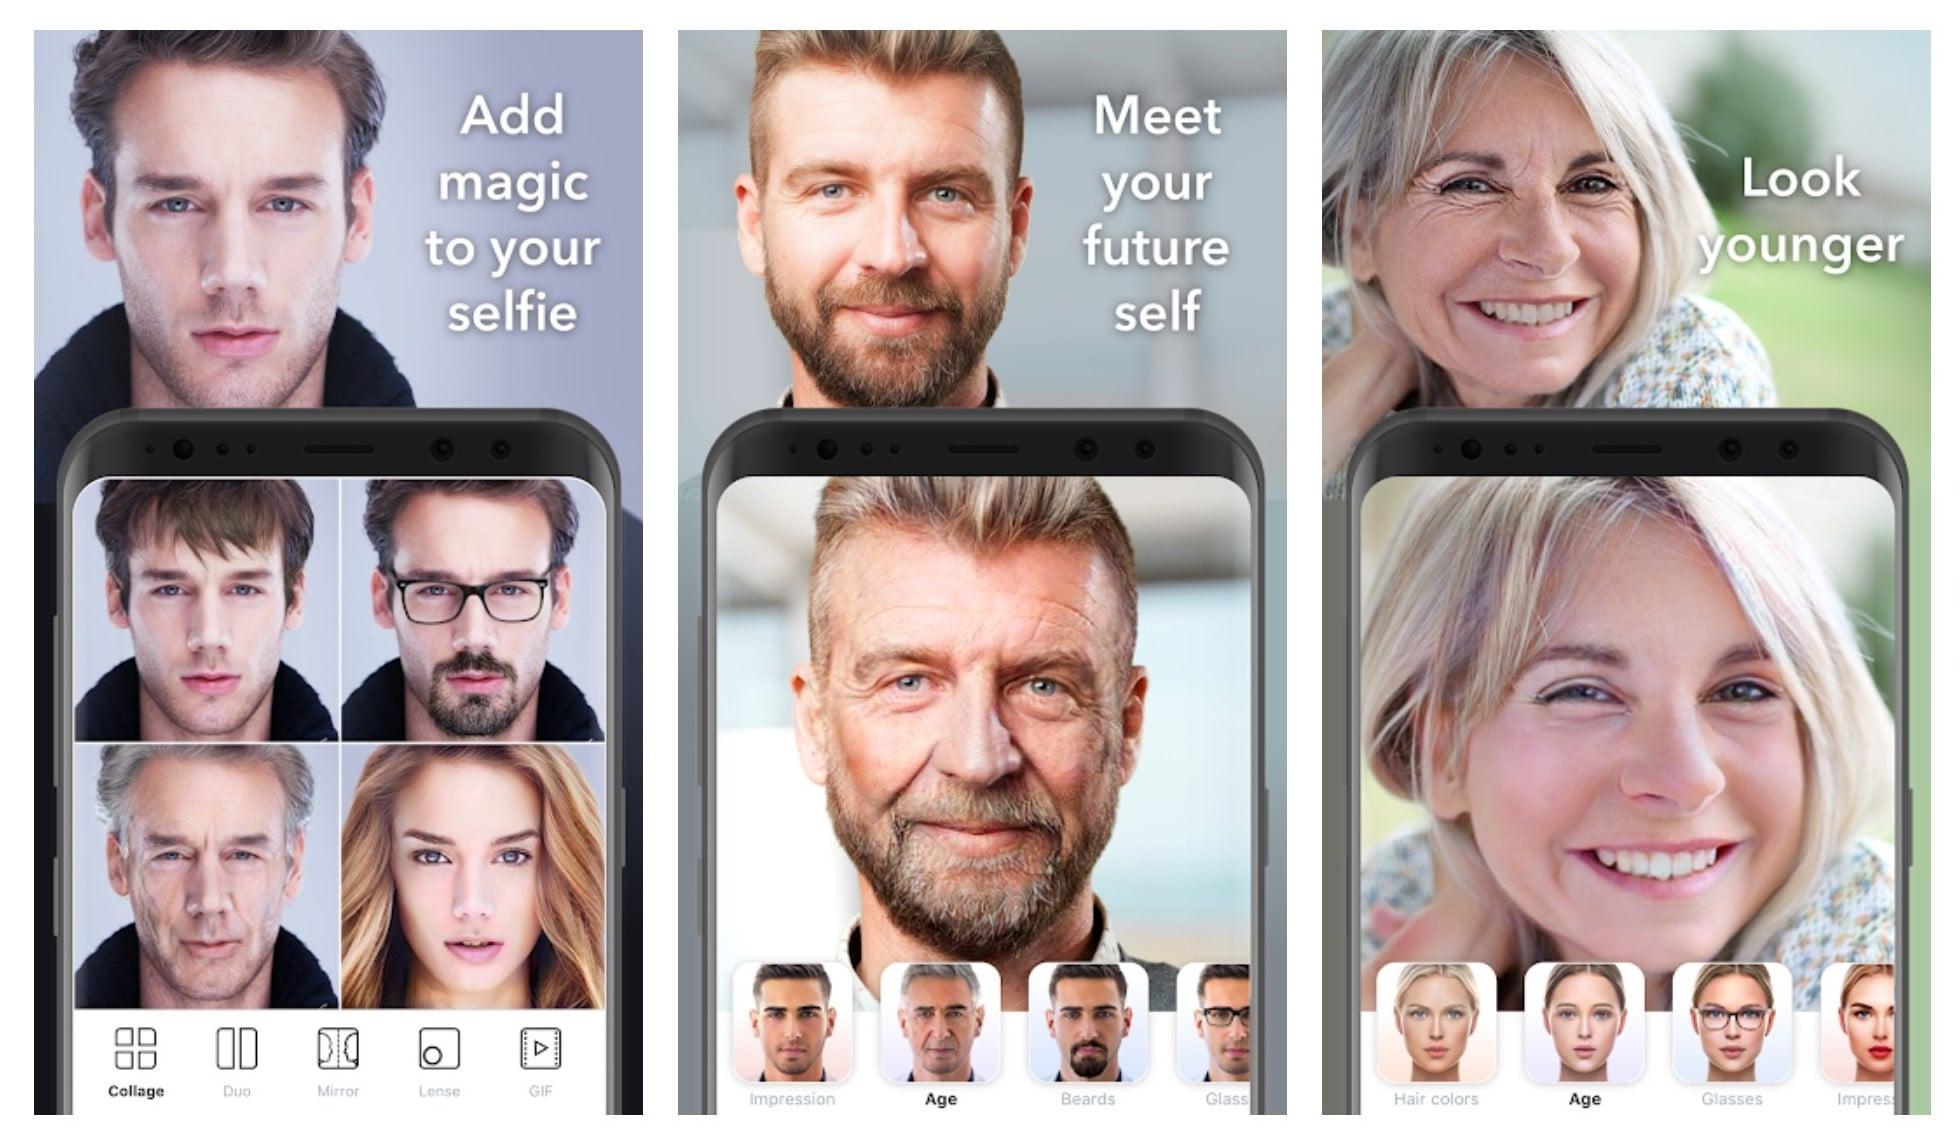 FaceApp pod lupą Ministerstwa Cyfryzacji. To już panika, czy jeszcze ostrożność? 19